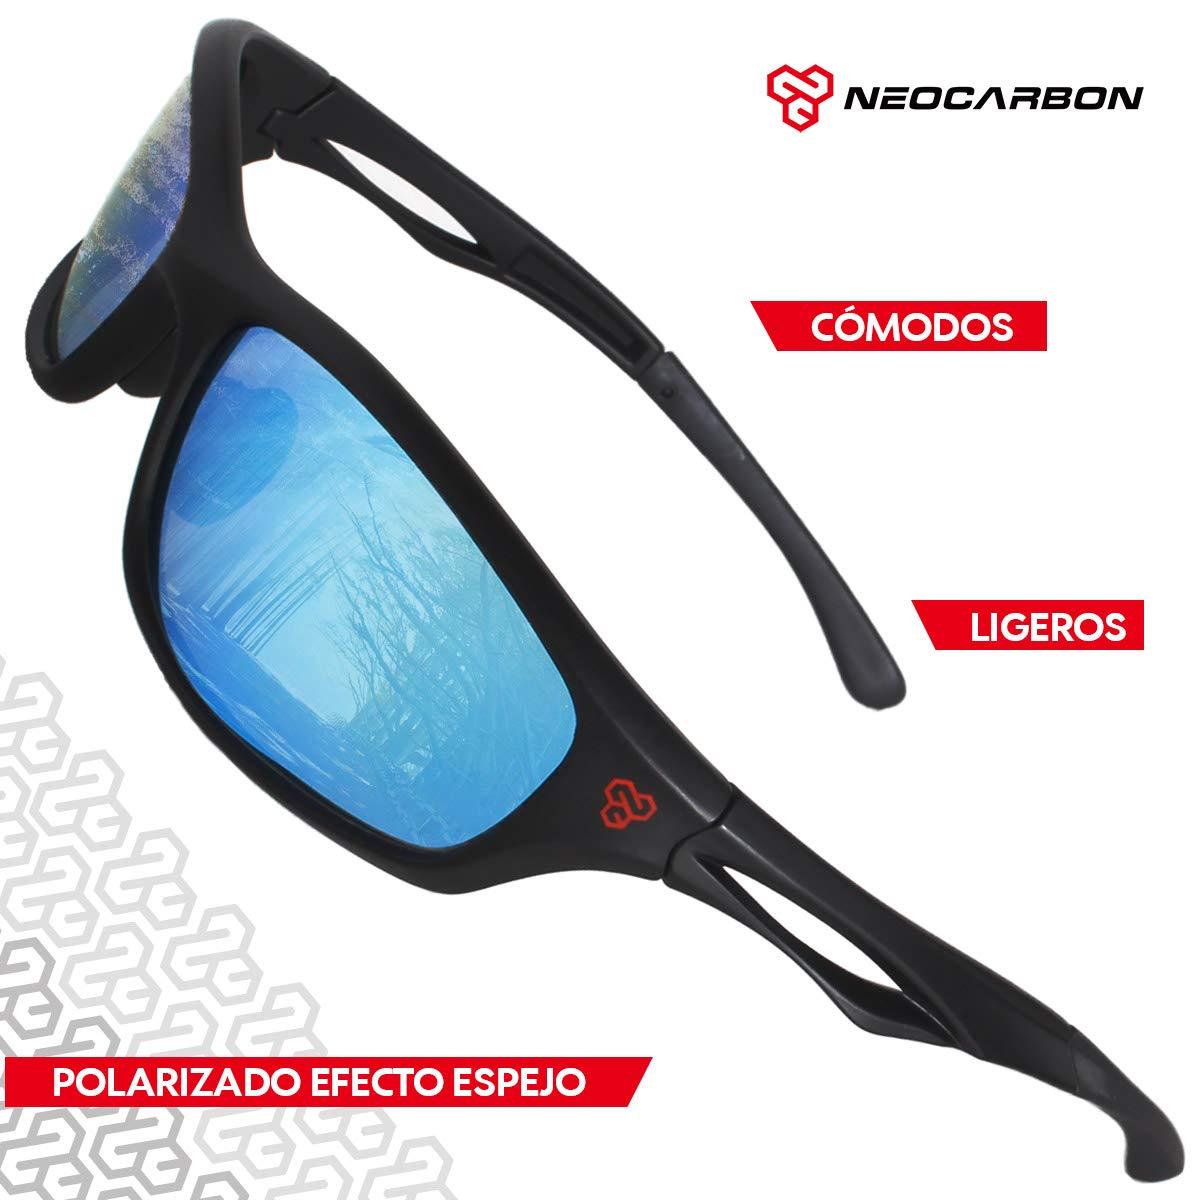 4ed6522d80 NeoCarbon Lentes de Sol Deportivos Polarizados con Protección UV para  Hombre y Mujer. Incluye Estuche y Kit de Accesorios, Azul: Amazon.com.mx:  Deportes y ...